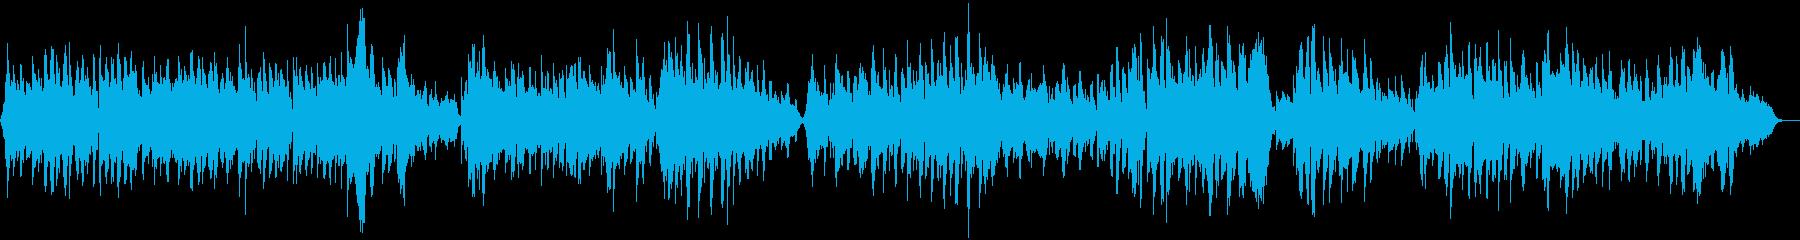 ハイドン弦楽四重奏曲第17番セレナーデの再生済みの波形